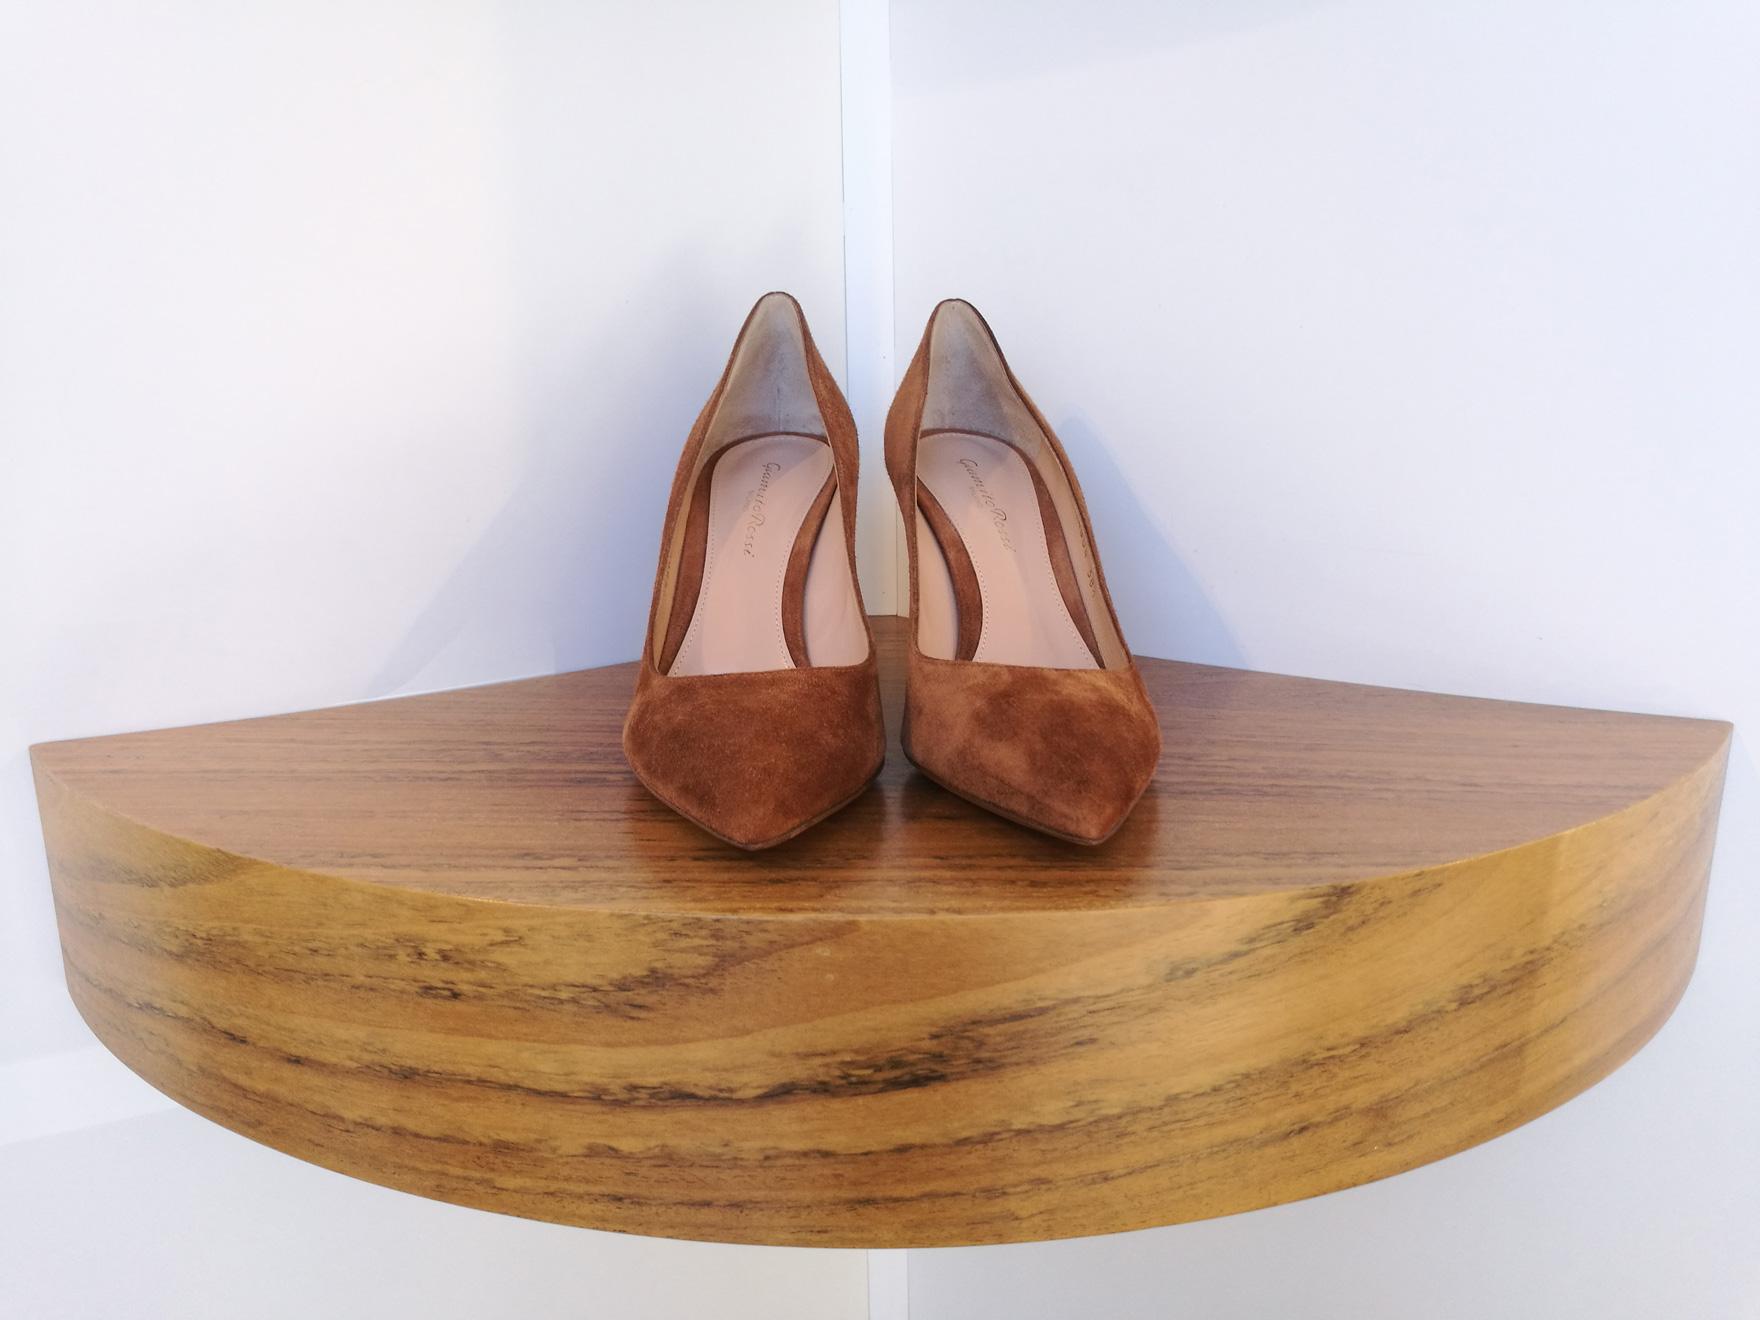 Zapato de salón de GIANVITO ROSSI de ante color marrón oscuro y talón cubierto